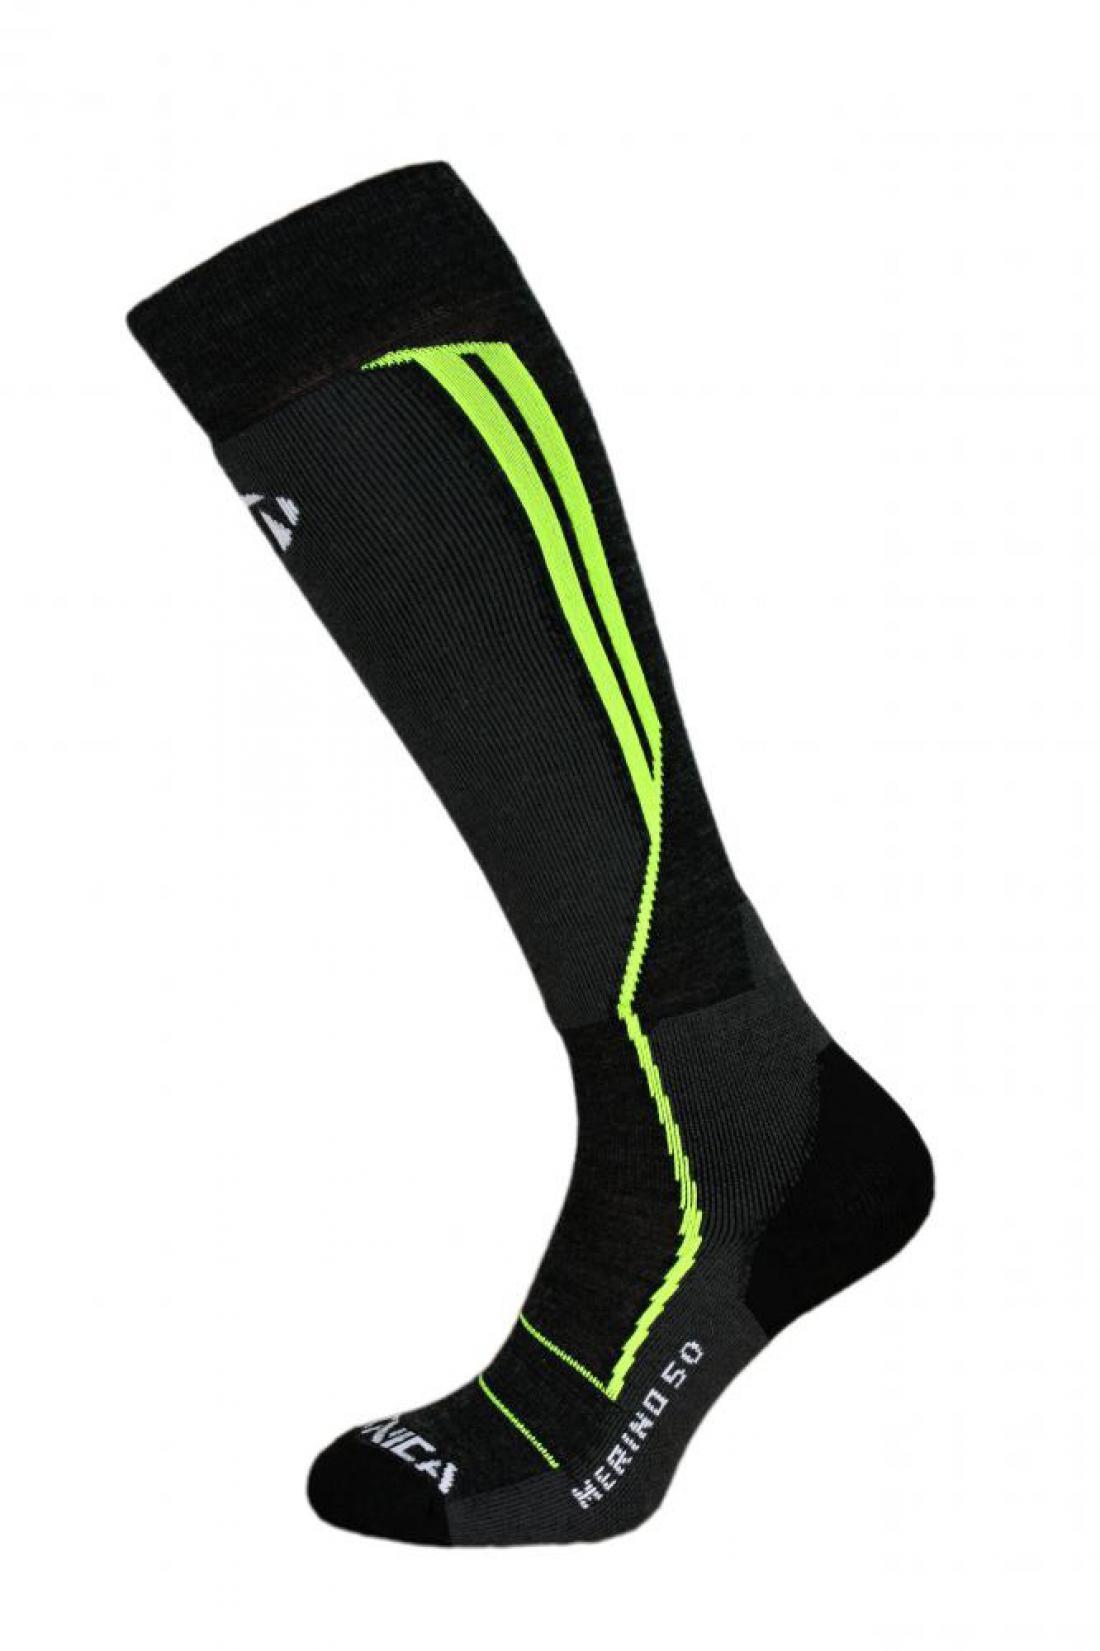 Merino 50 ski socks, black/neon yellow